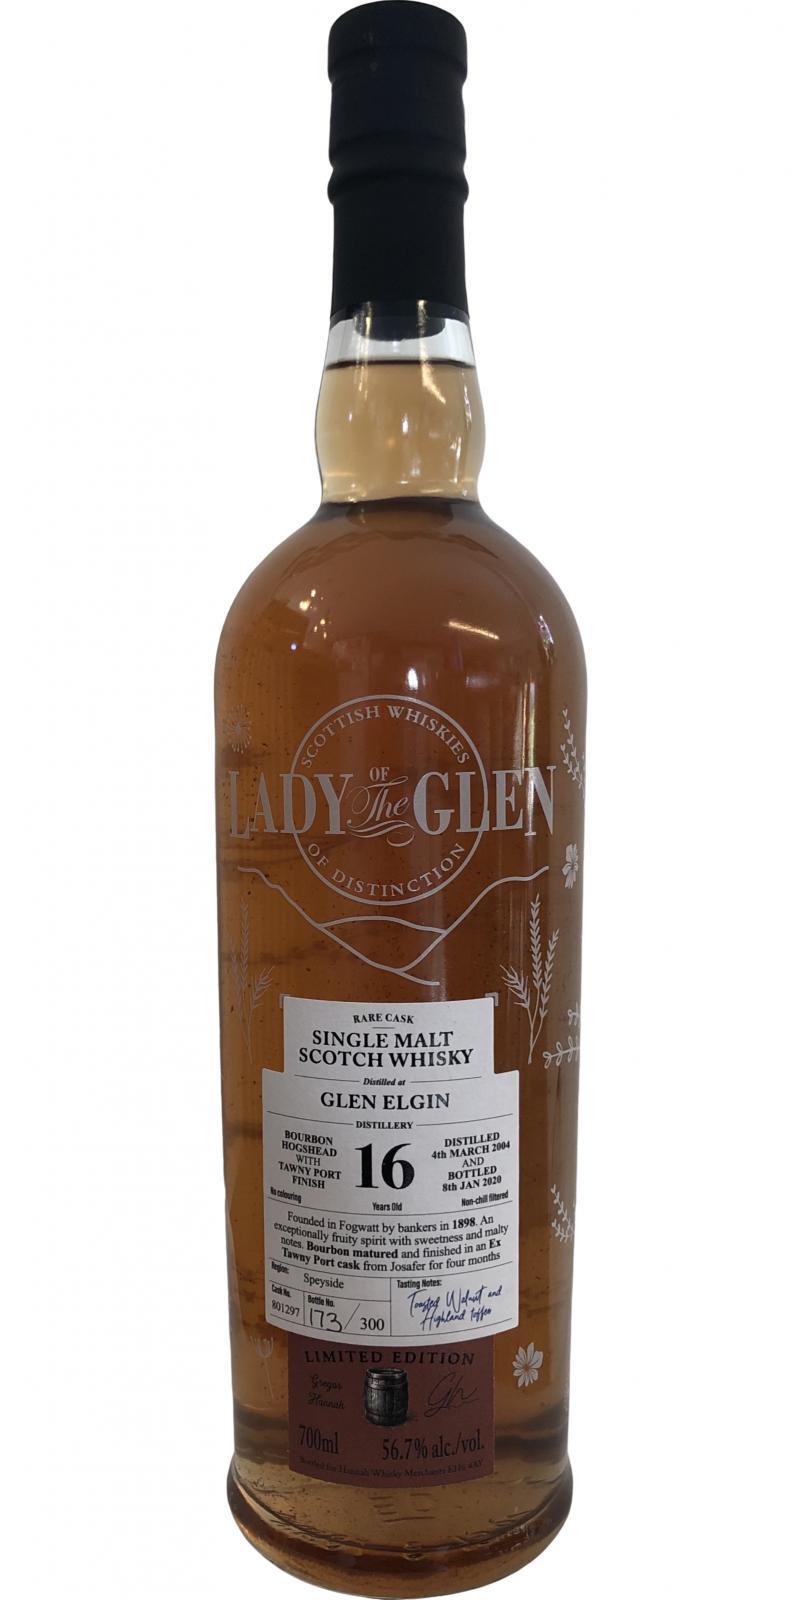 Glen Elgin 2004 LotG